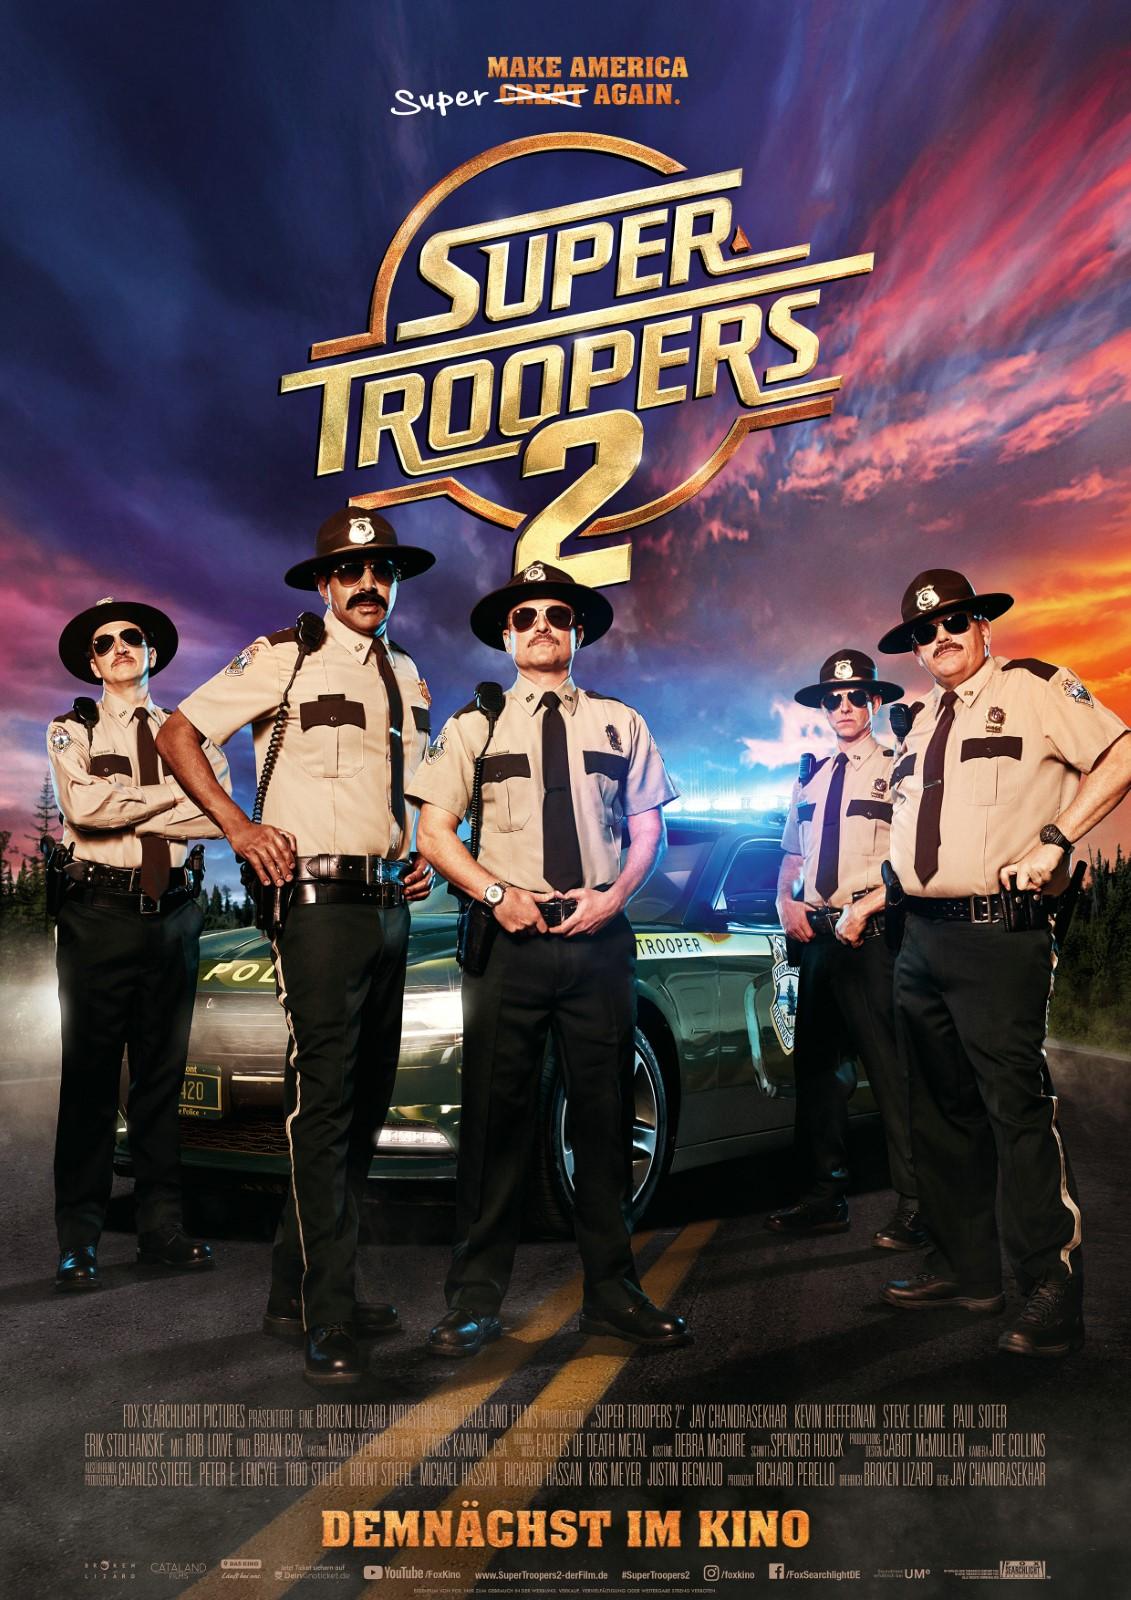 Anschauen Super Troopers 2 film in Deutsch mit Untertiteln in FULL HD